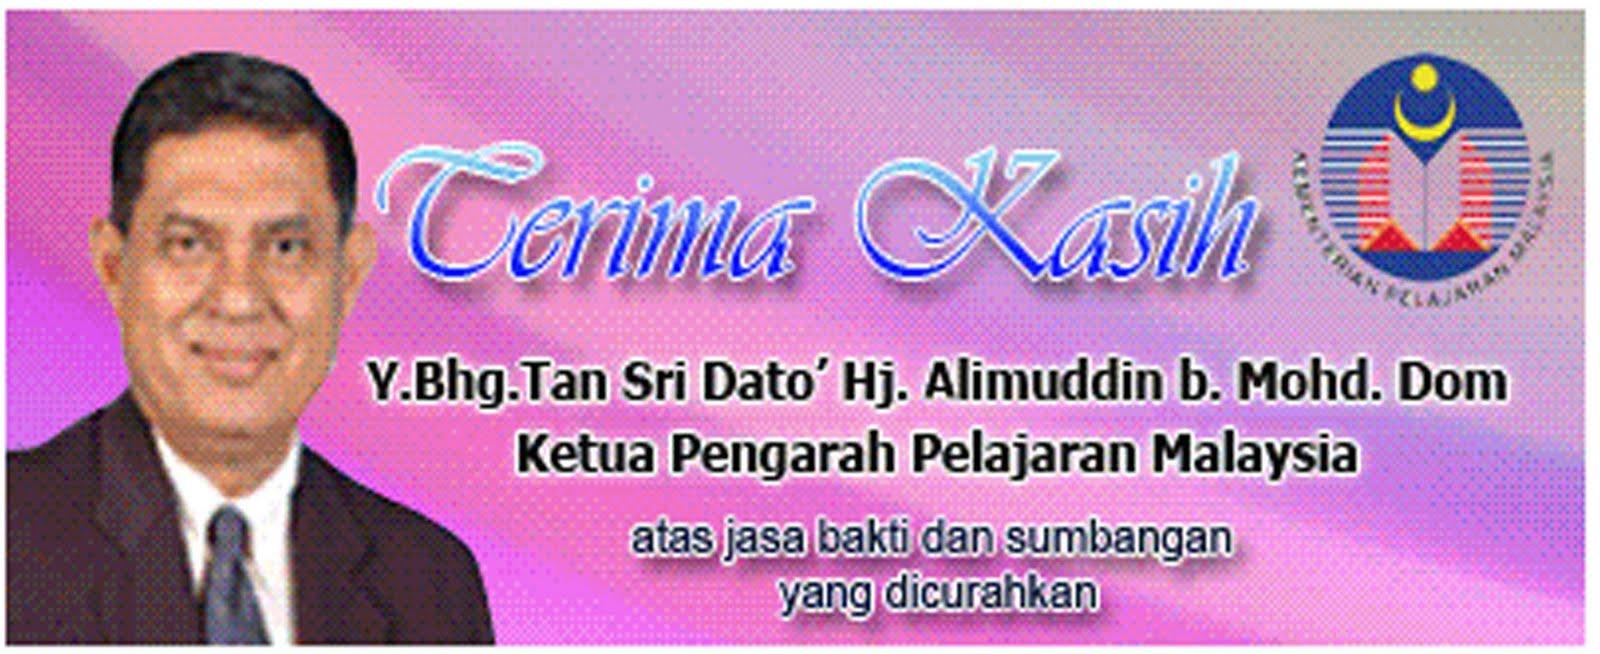 http://1.bp.blogspot.com/_DmSo71-YPIw/TNorifi7UFI/AAAAAAAABr4/7w4q6X8u4fs/s1600/alimudin.jpg